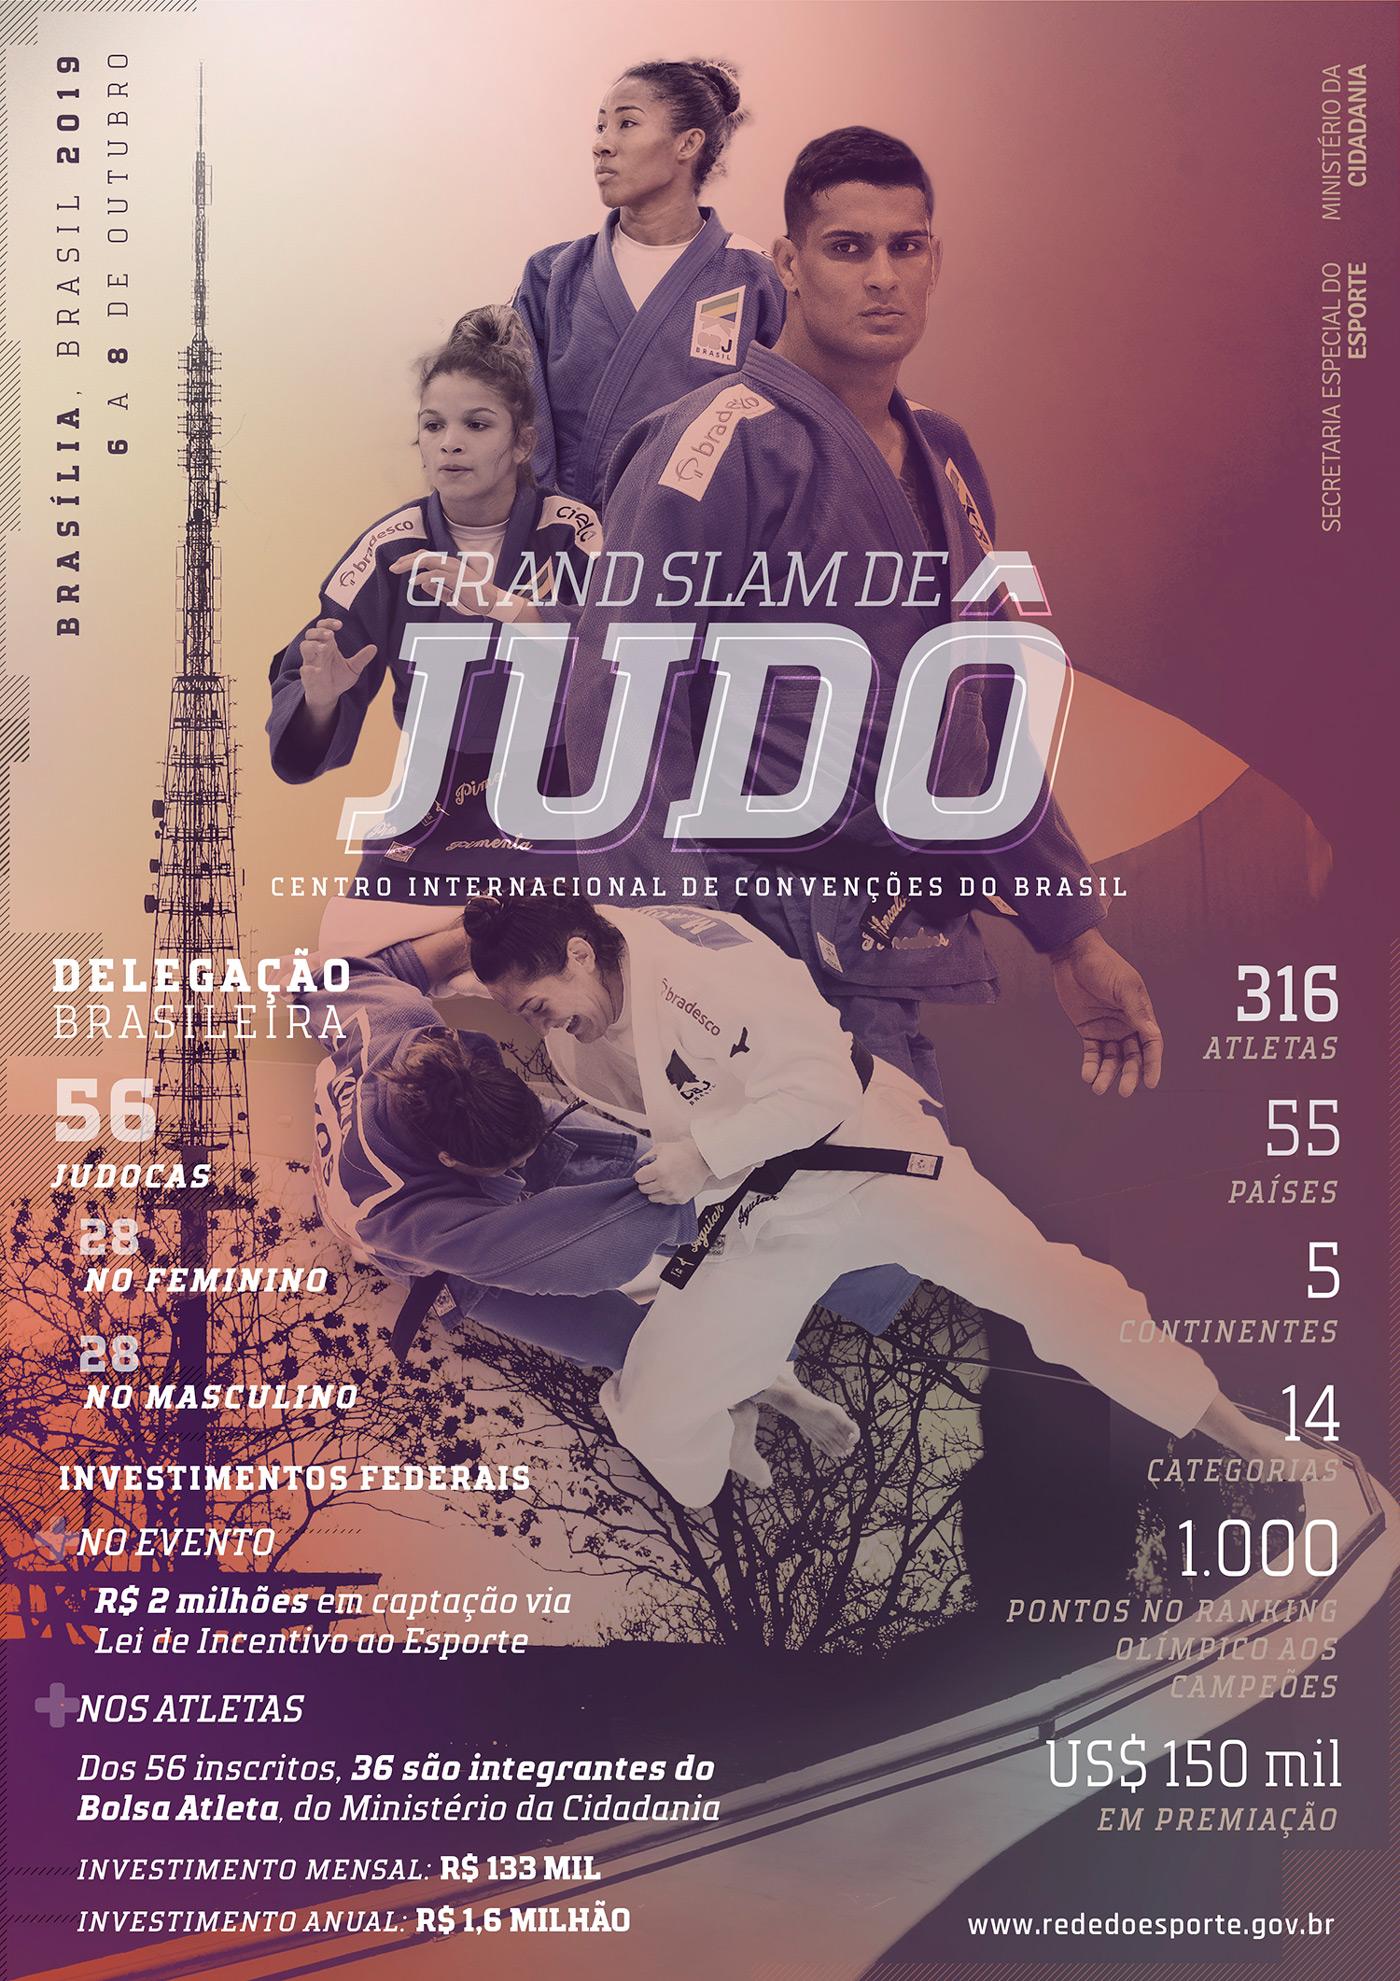 infografico_grand_slam_judo_brasilia_2019.jpg